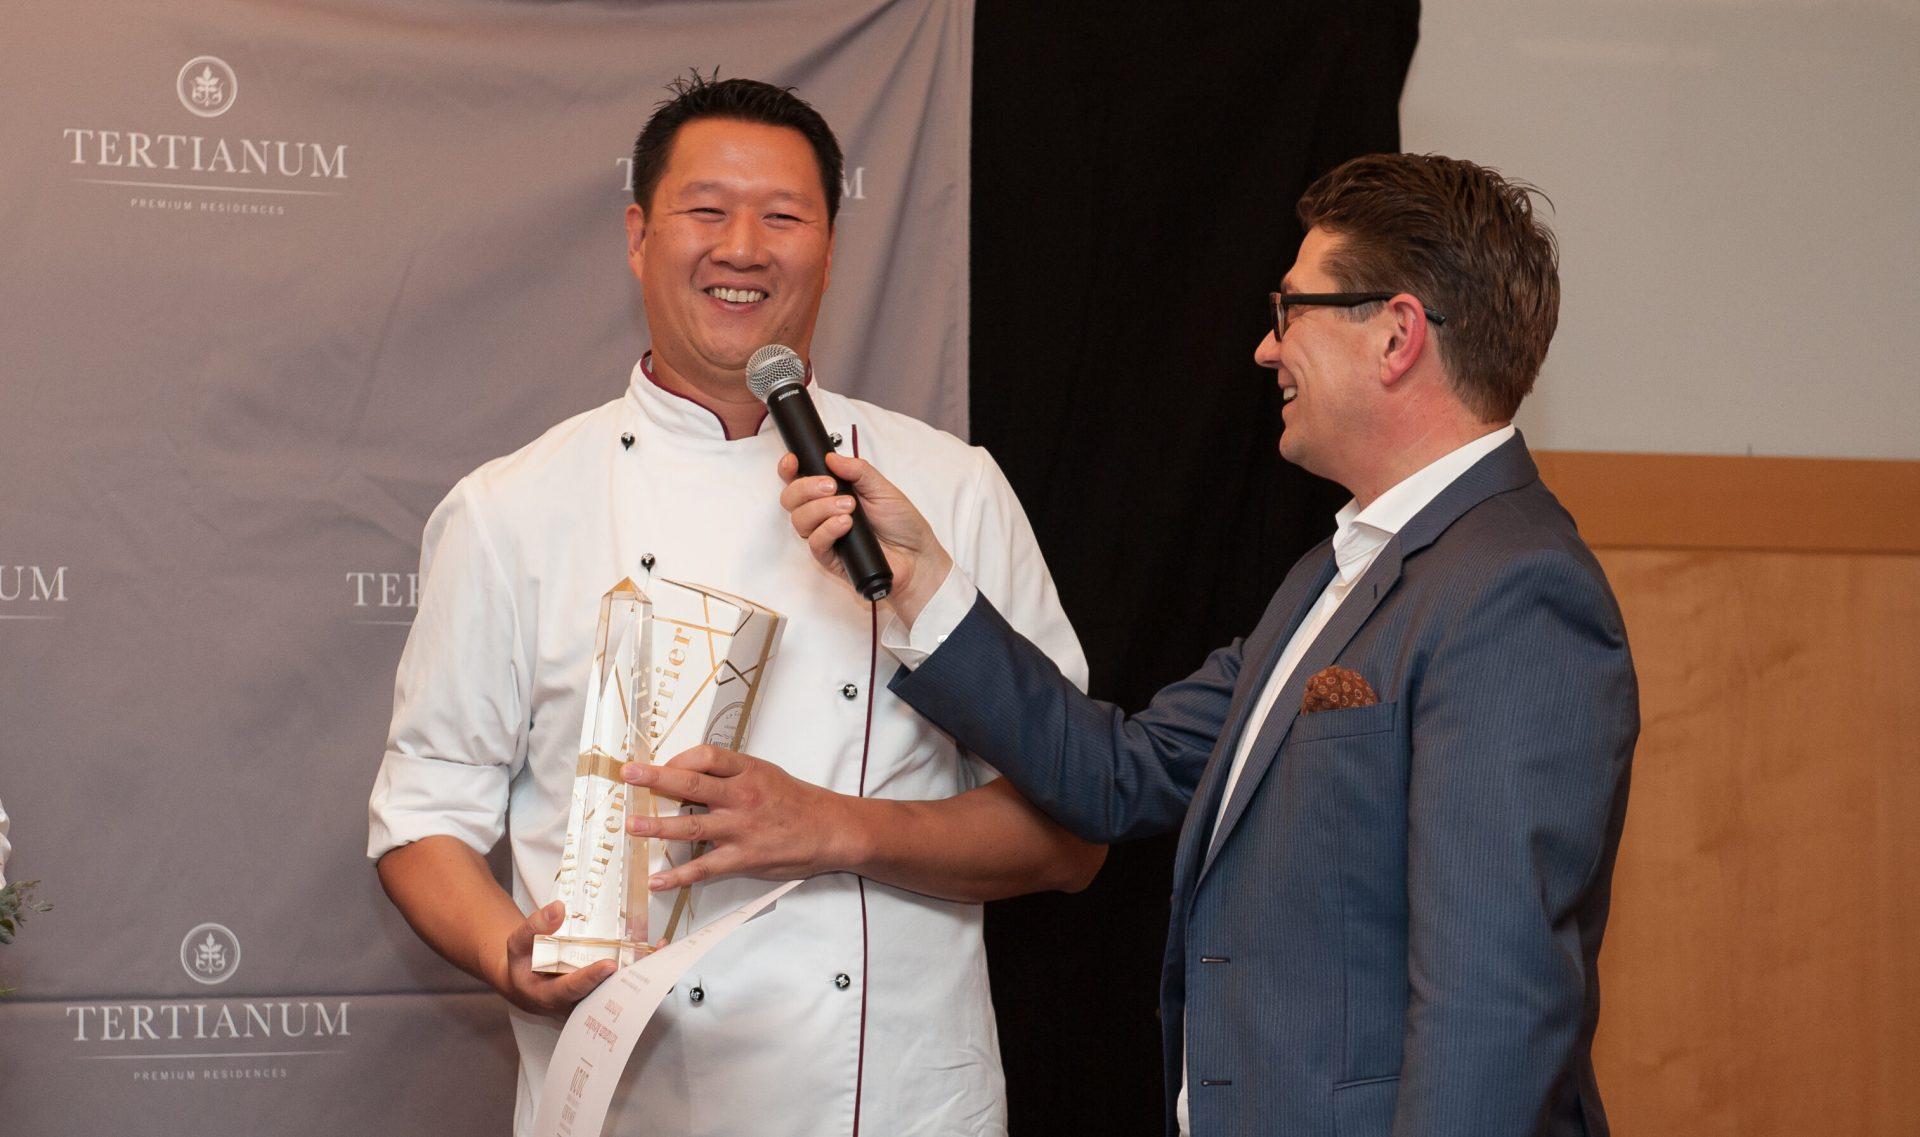 Koch mit Award für beste Küche